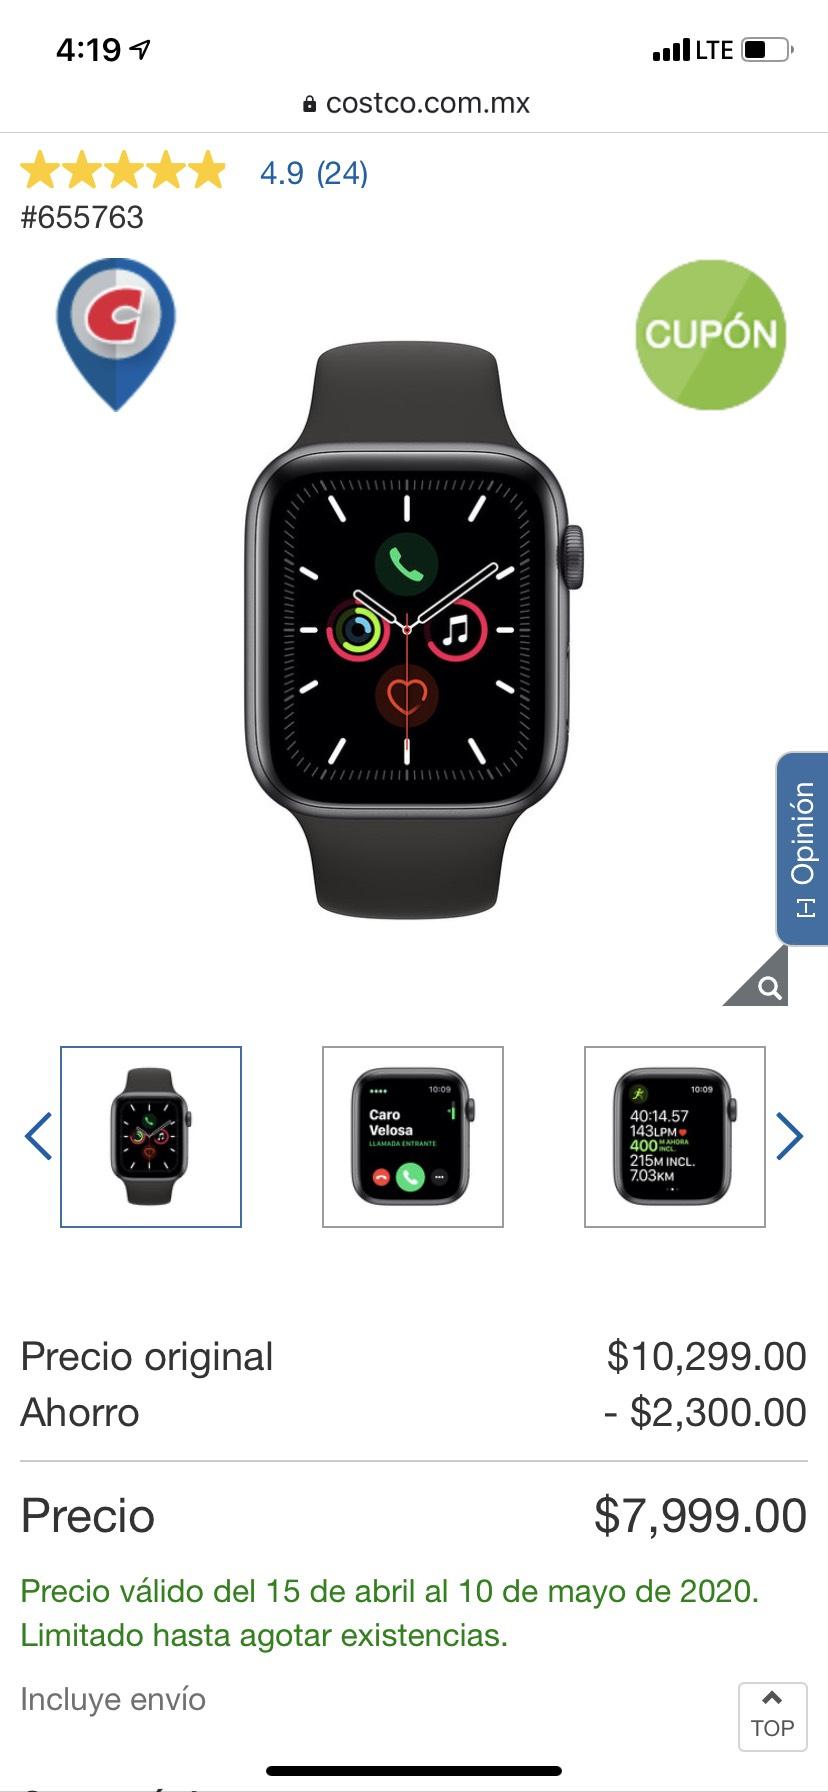 Costco Apple Watch Series 5 44mm GPS, comprando con Crédito Citibanamex Costco